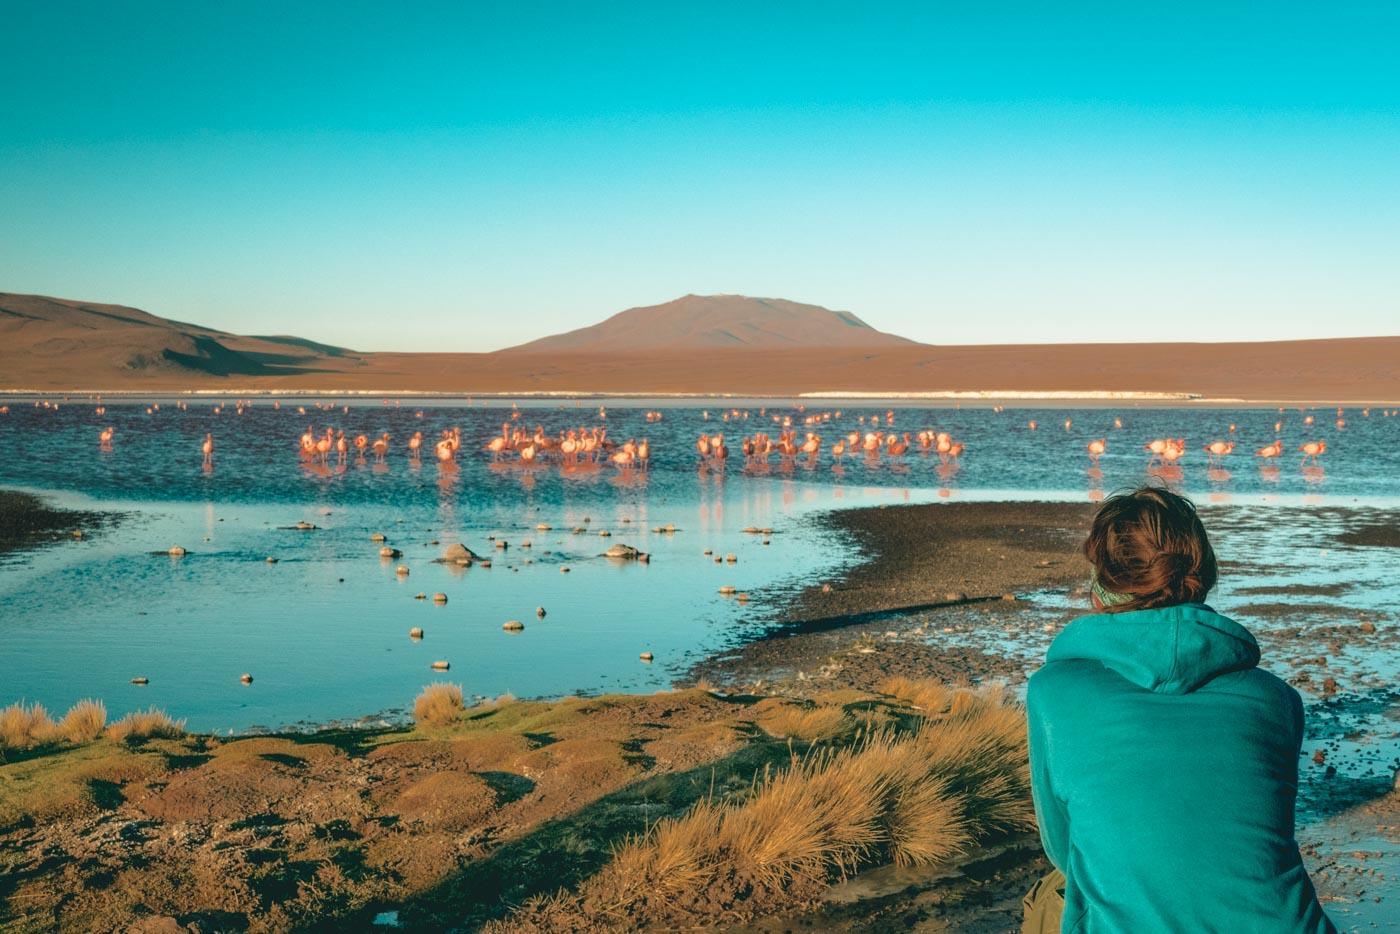 Admiring the flamingos